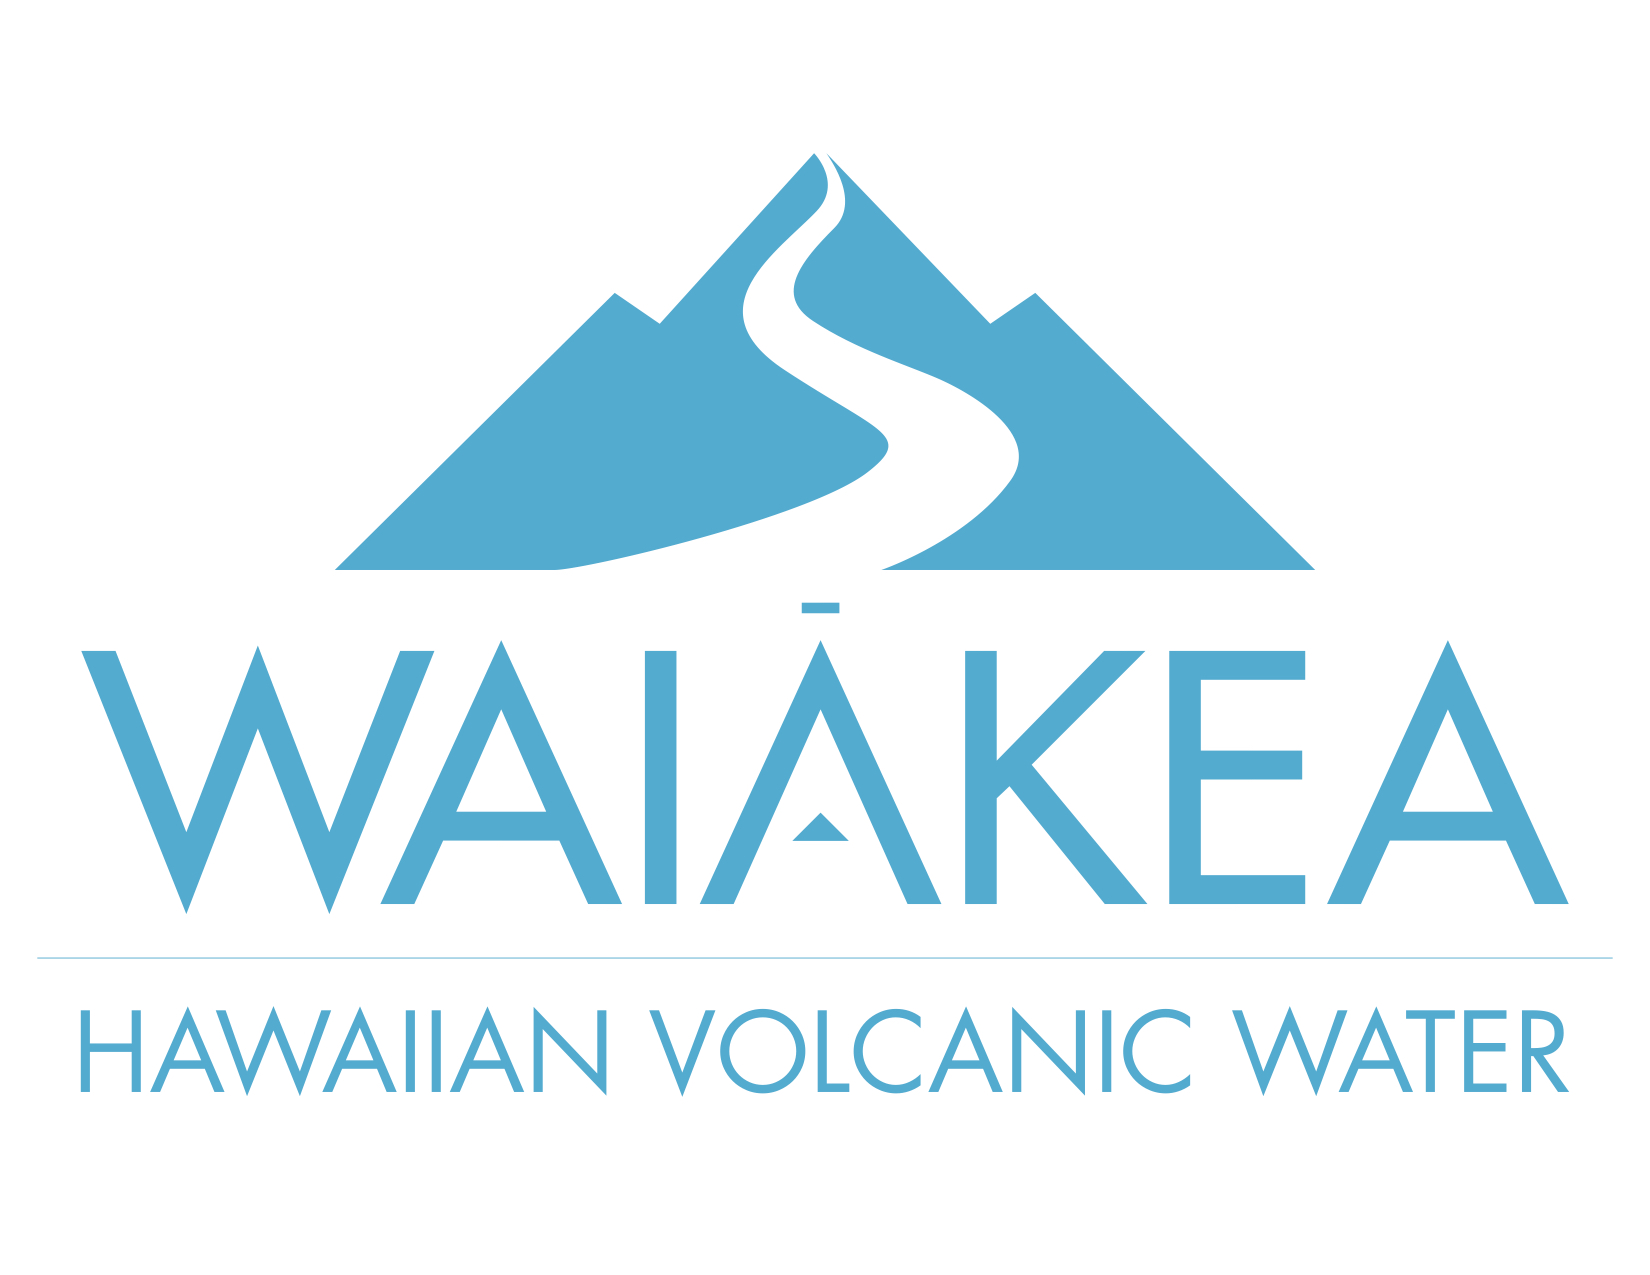 Waiakea_white_logo___blue_text.jpg